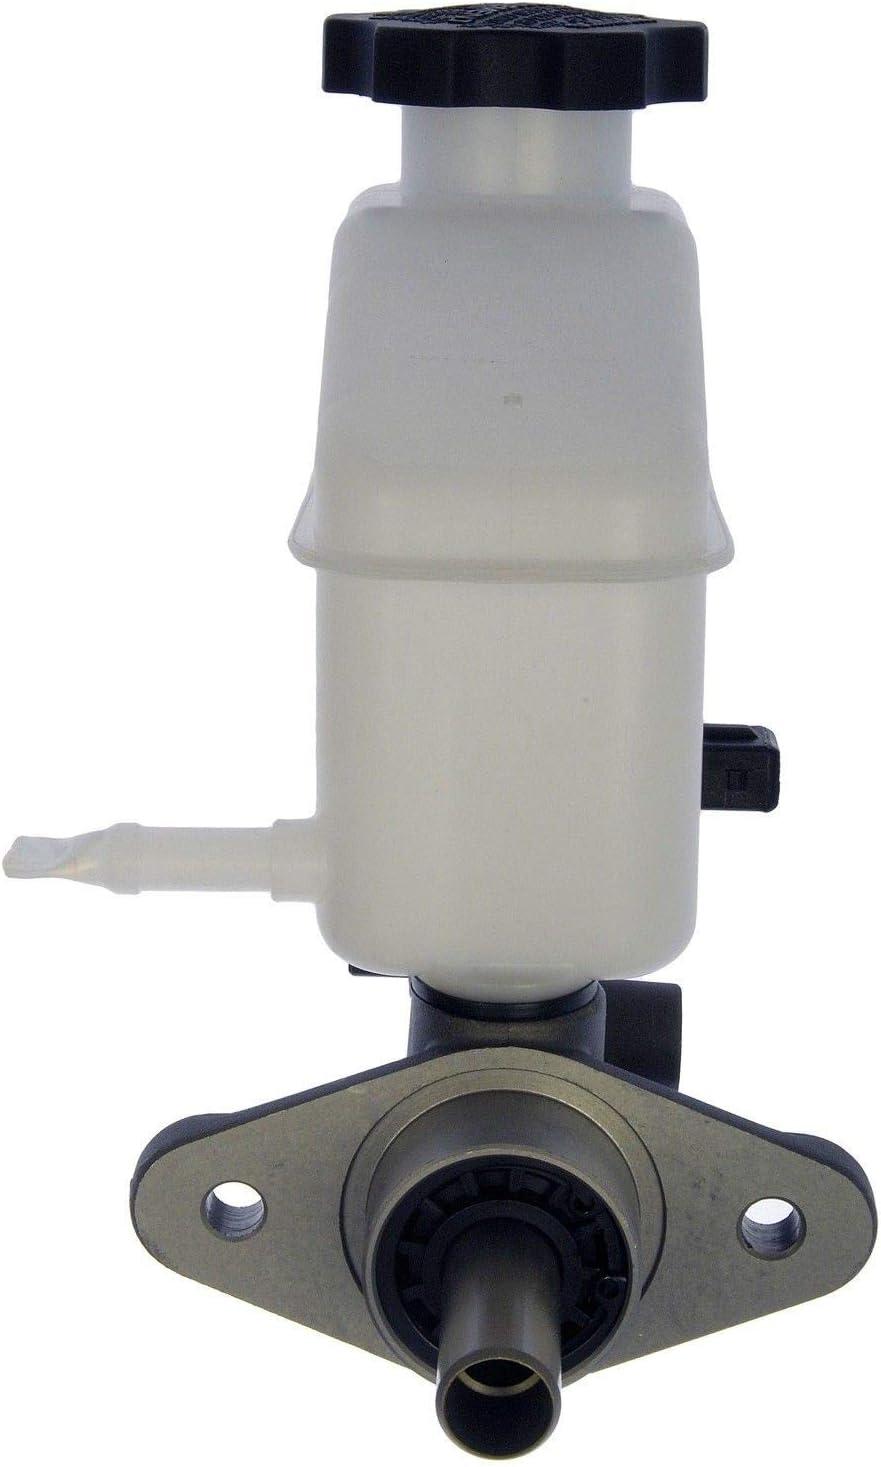 1 Pack Zirgo 318113 Heat /& Sound Deadener for 55-58 Mopar Master Stg2 Kit